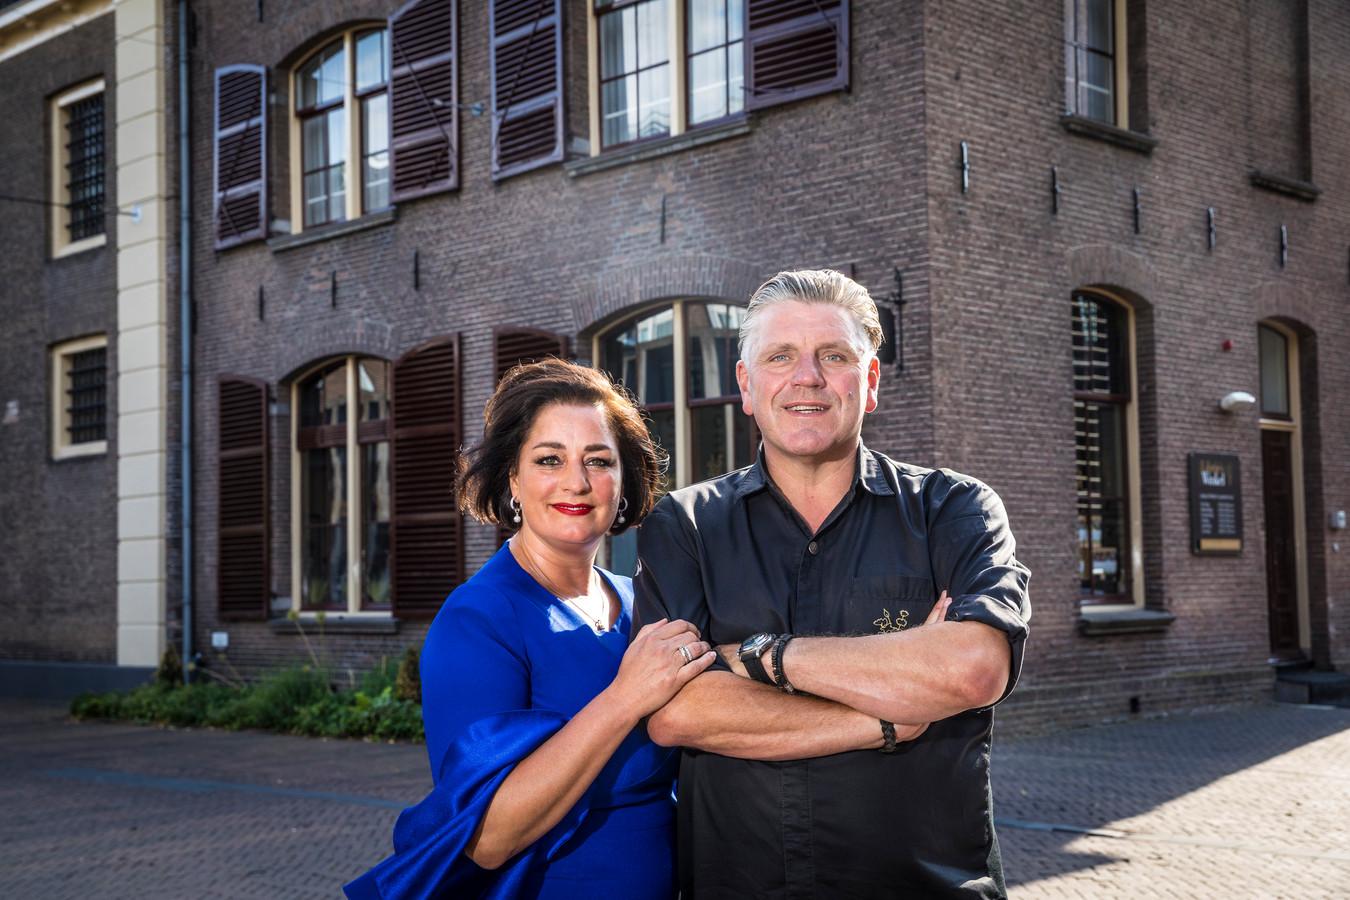 Jonnie en Thérèse Boer openden voor het eerst een vacature-offensief om hun keukenbrigade op sterkte te krijgen.